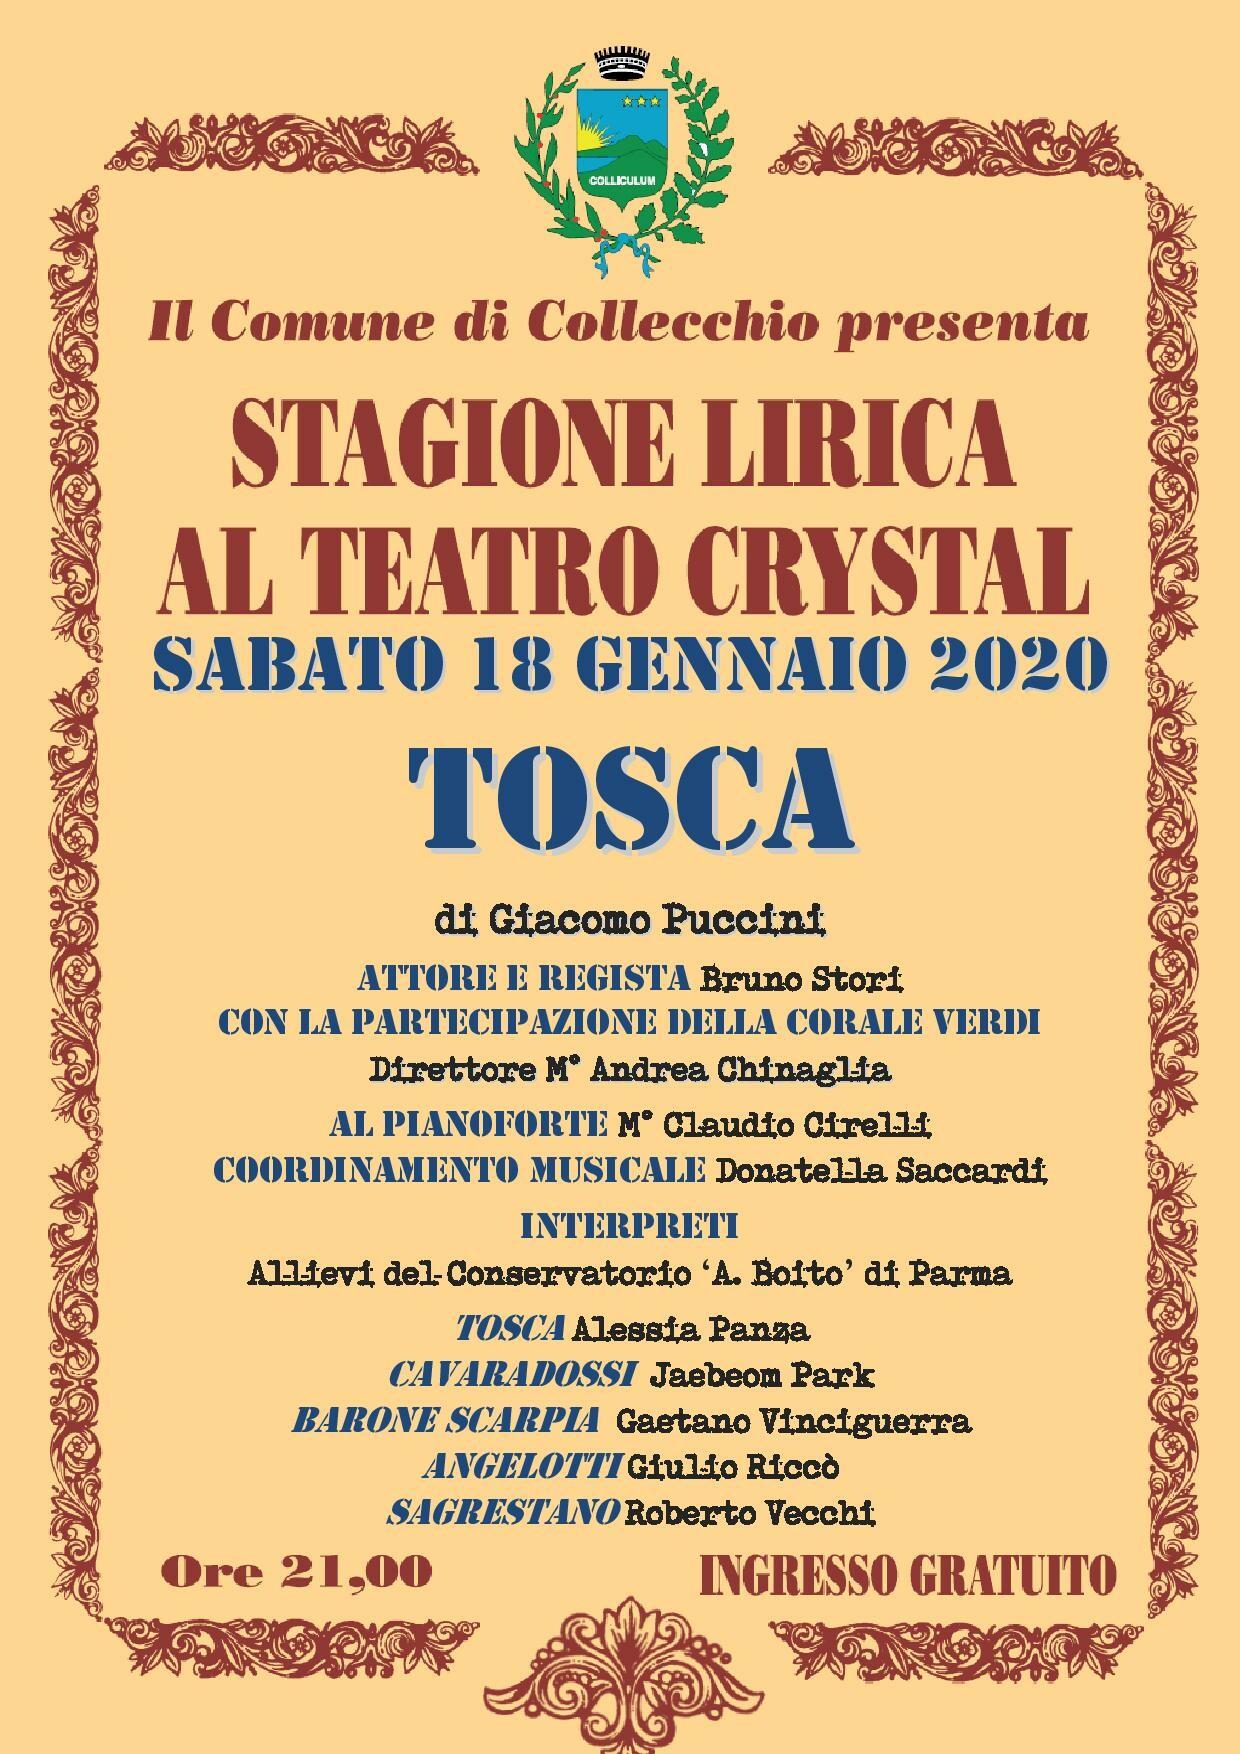 La 'Tosca' al teatro Crystal